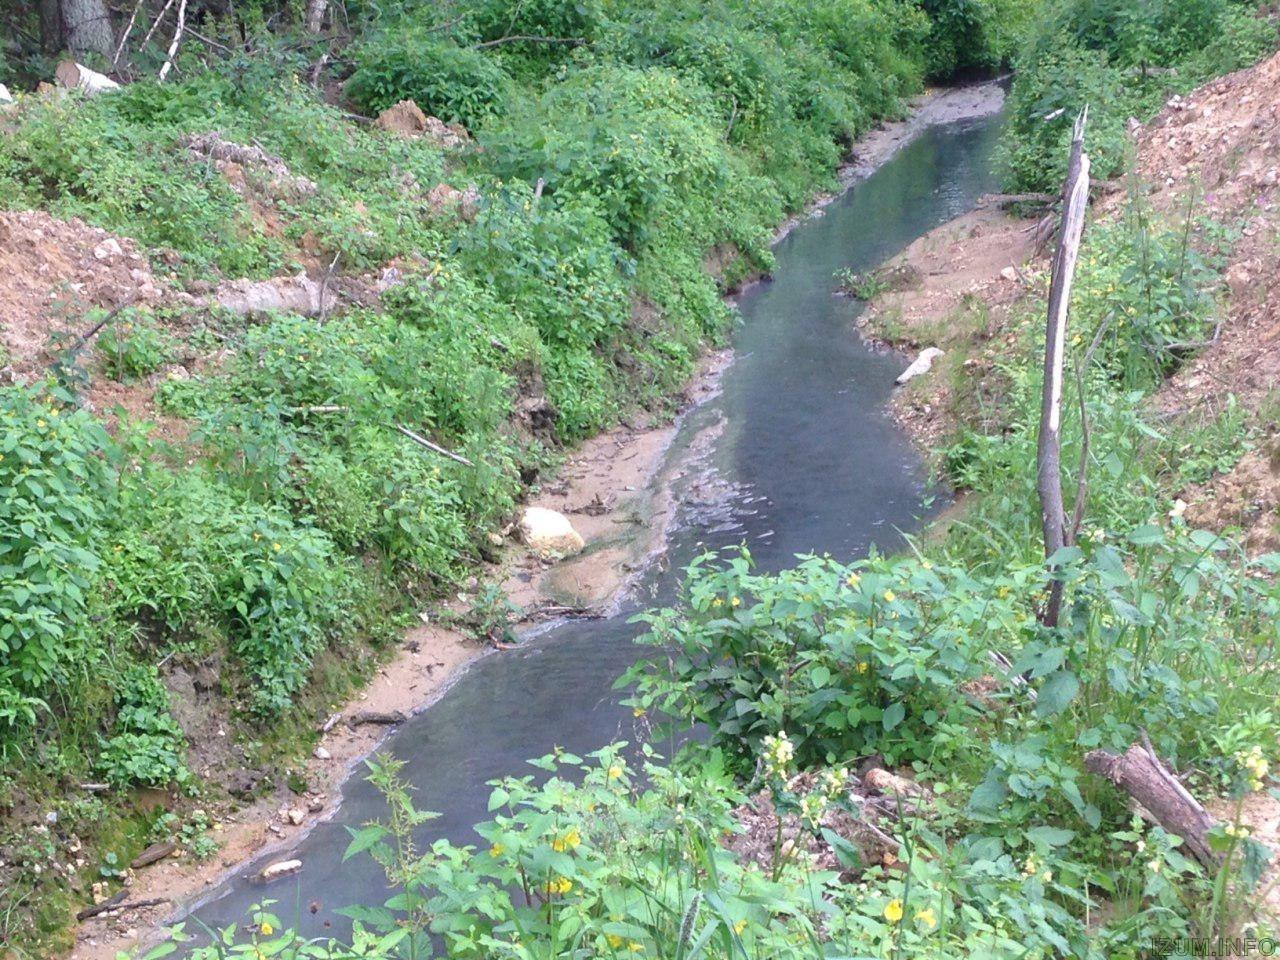 Загрязнение речка банька Изумрудные холмы (1).jpg